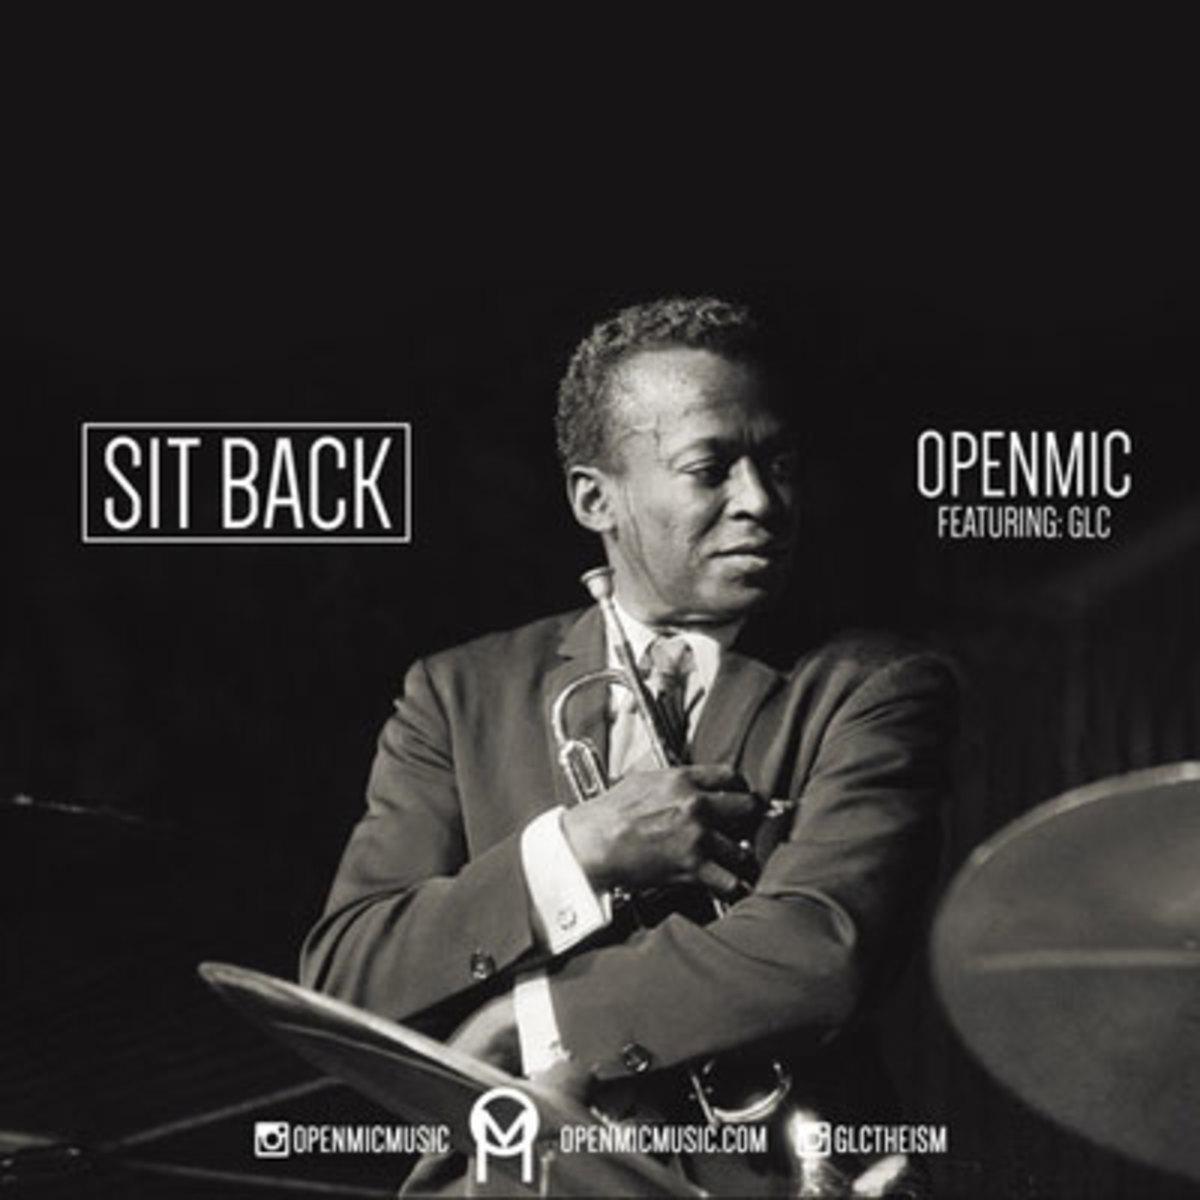 openmic-sitback.jpg